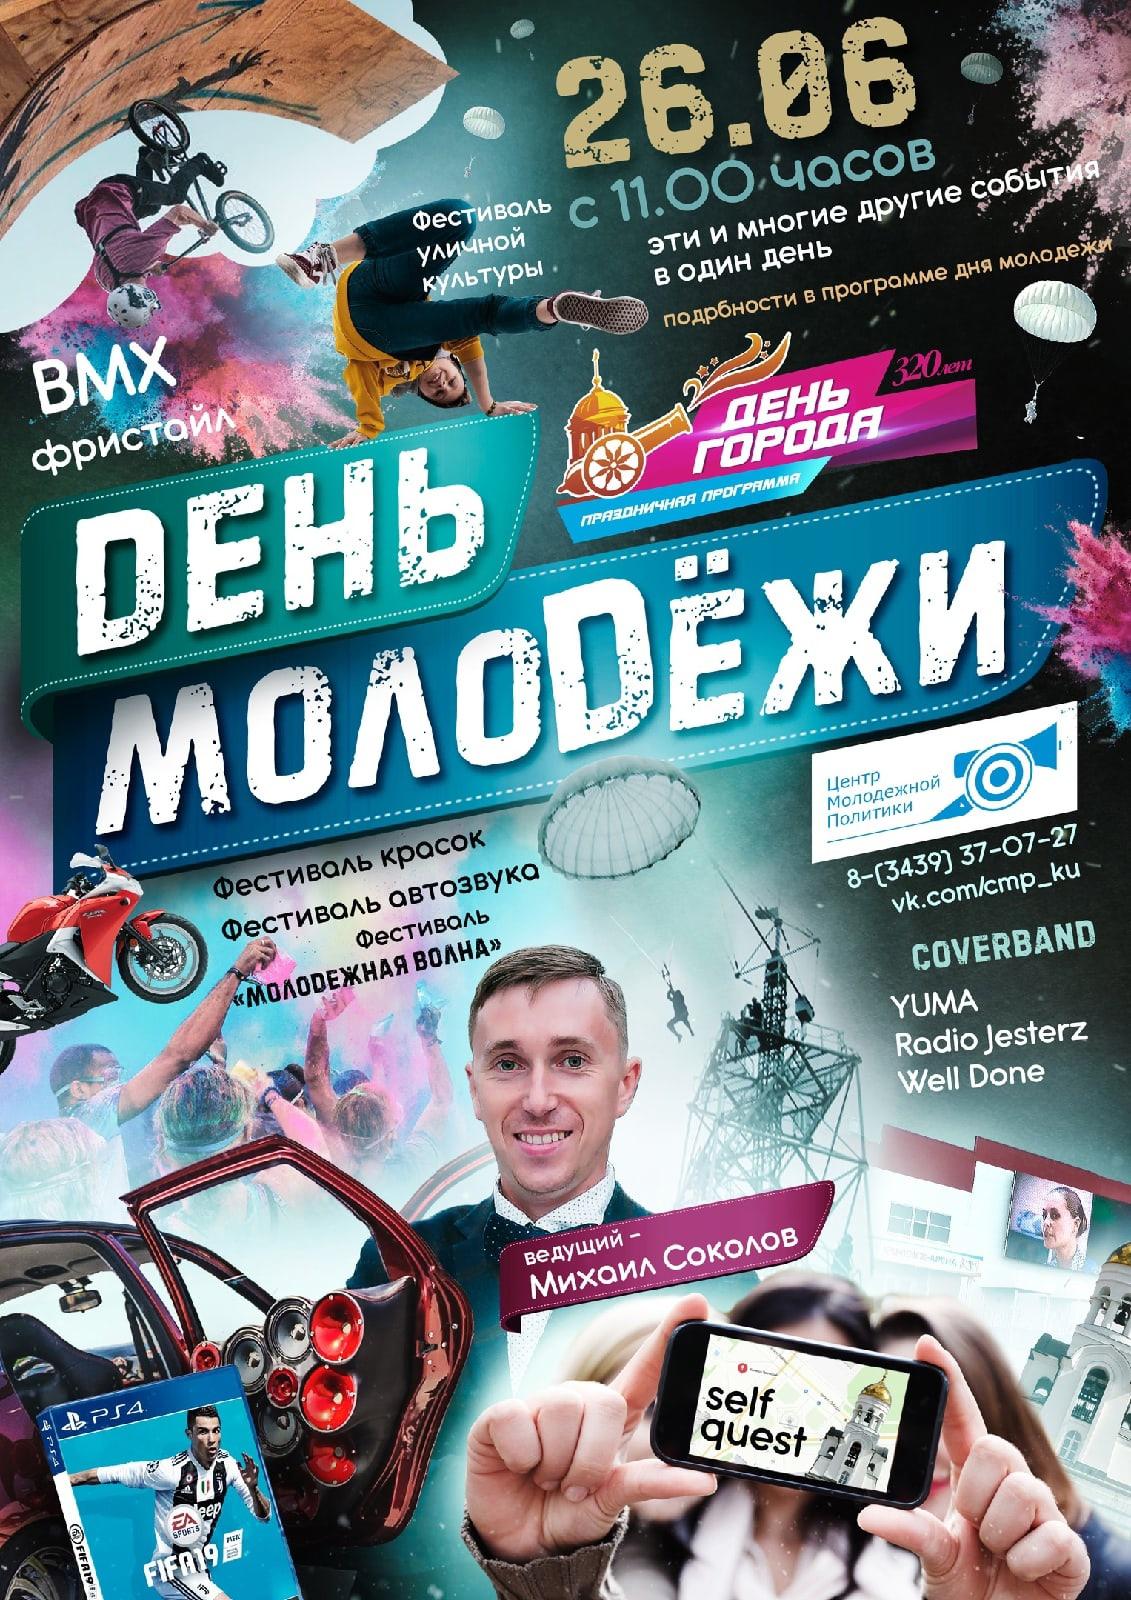 Опубликована программа Дня молодежи в Каменске-Уральском